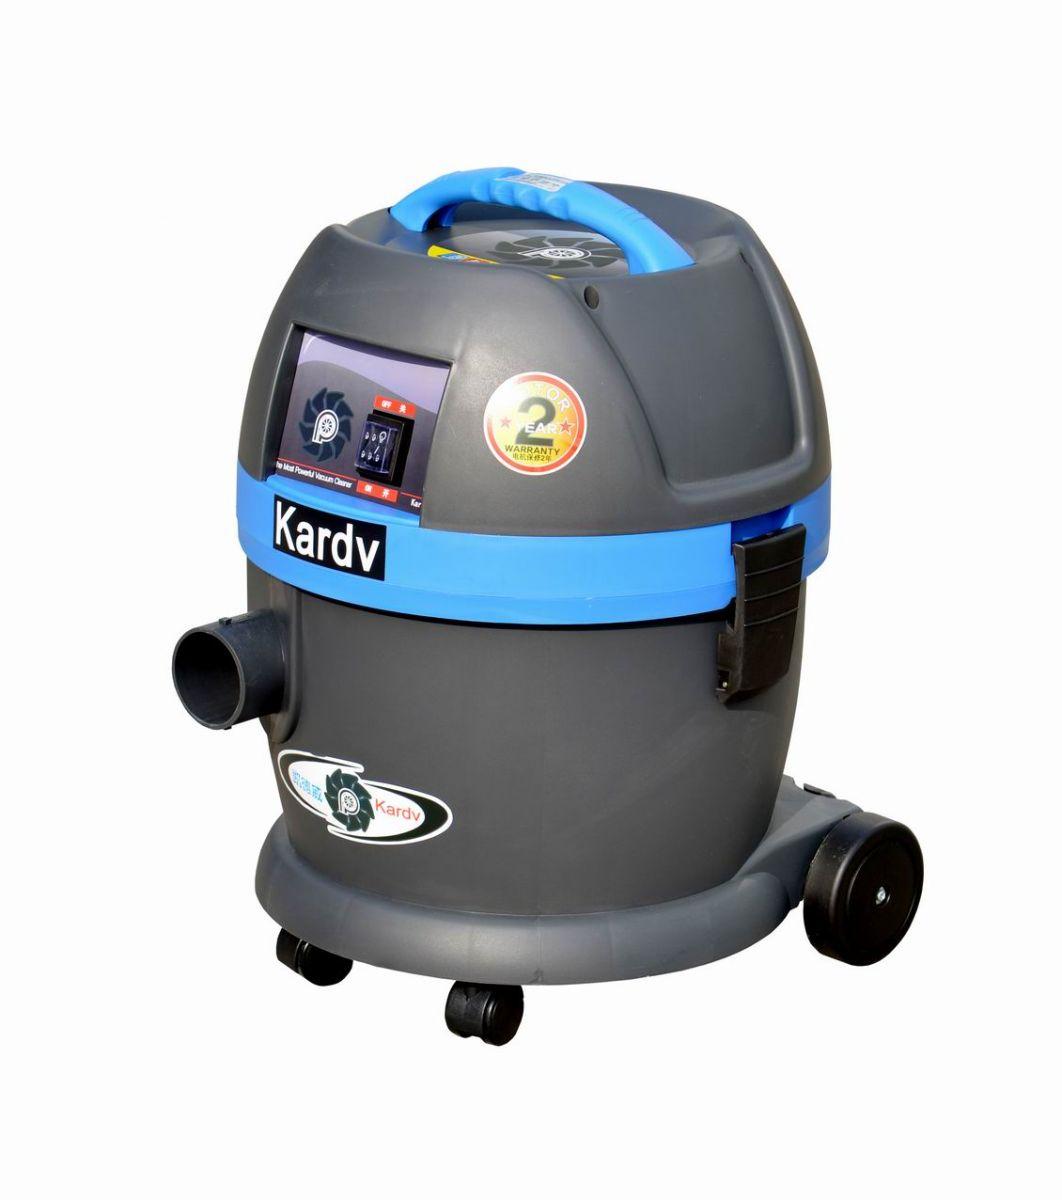 凱德威酒店用靜音吸塵器DL-1020T-- 凱德威